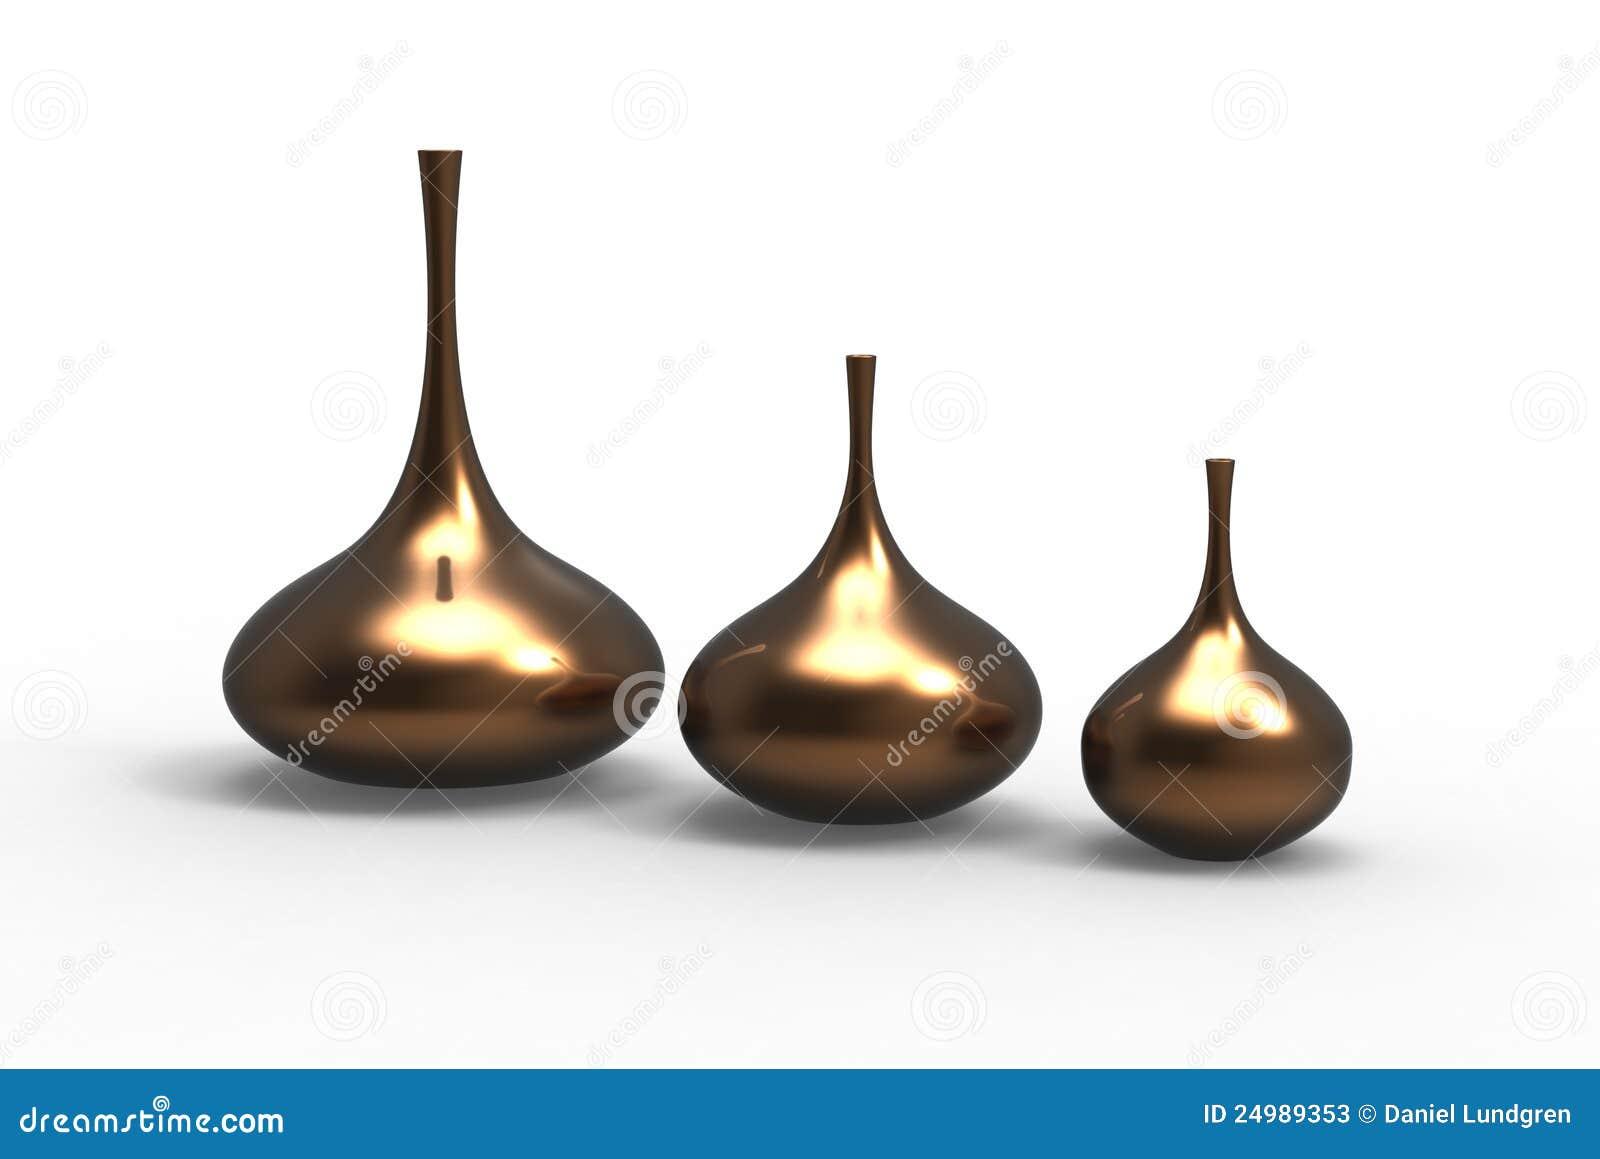 set moderne vasen stockfotos bild 24989353. Black Bedroom Furniture Sets. Home Design Ideas